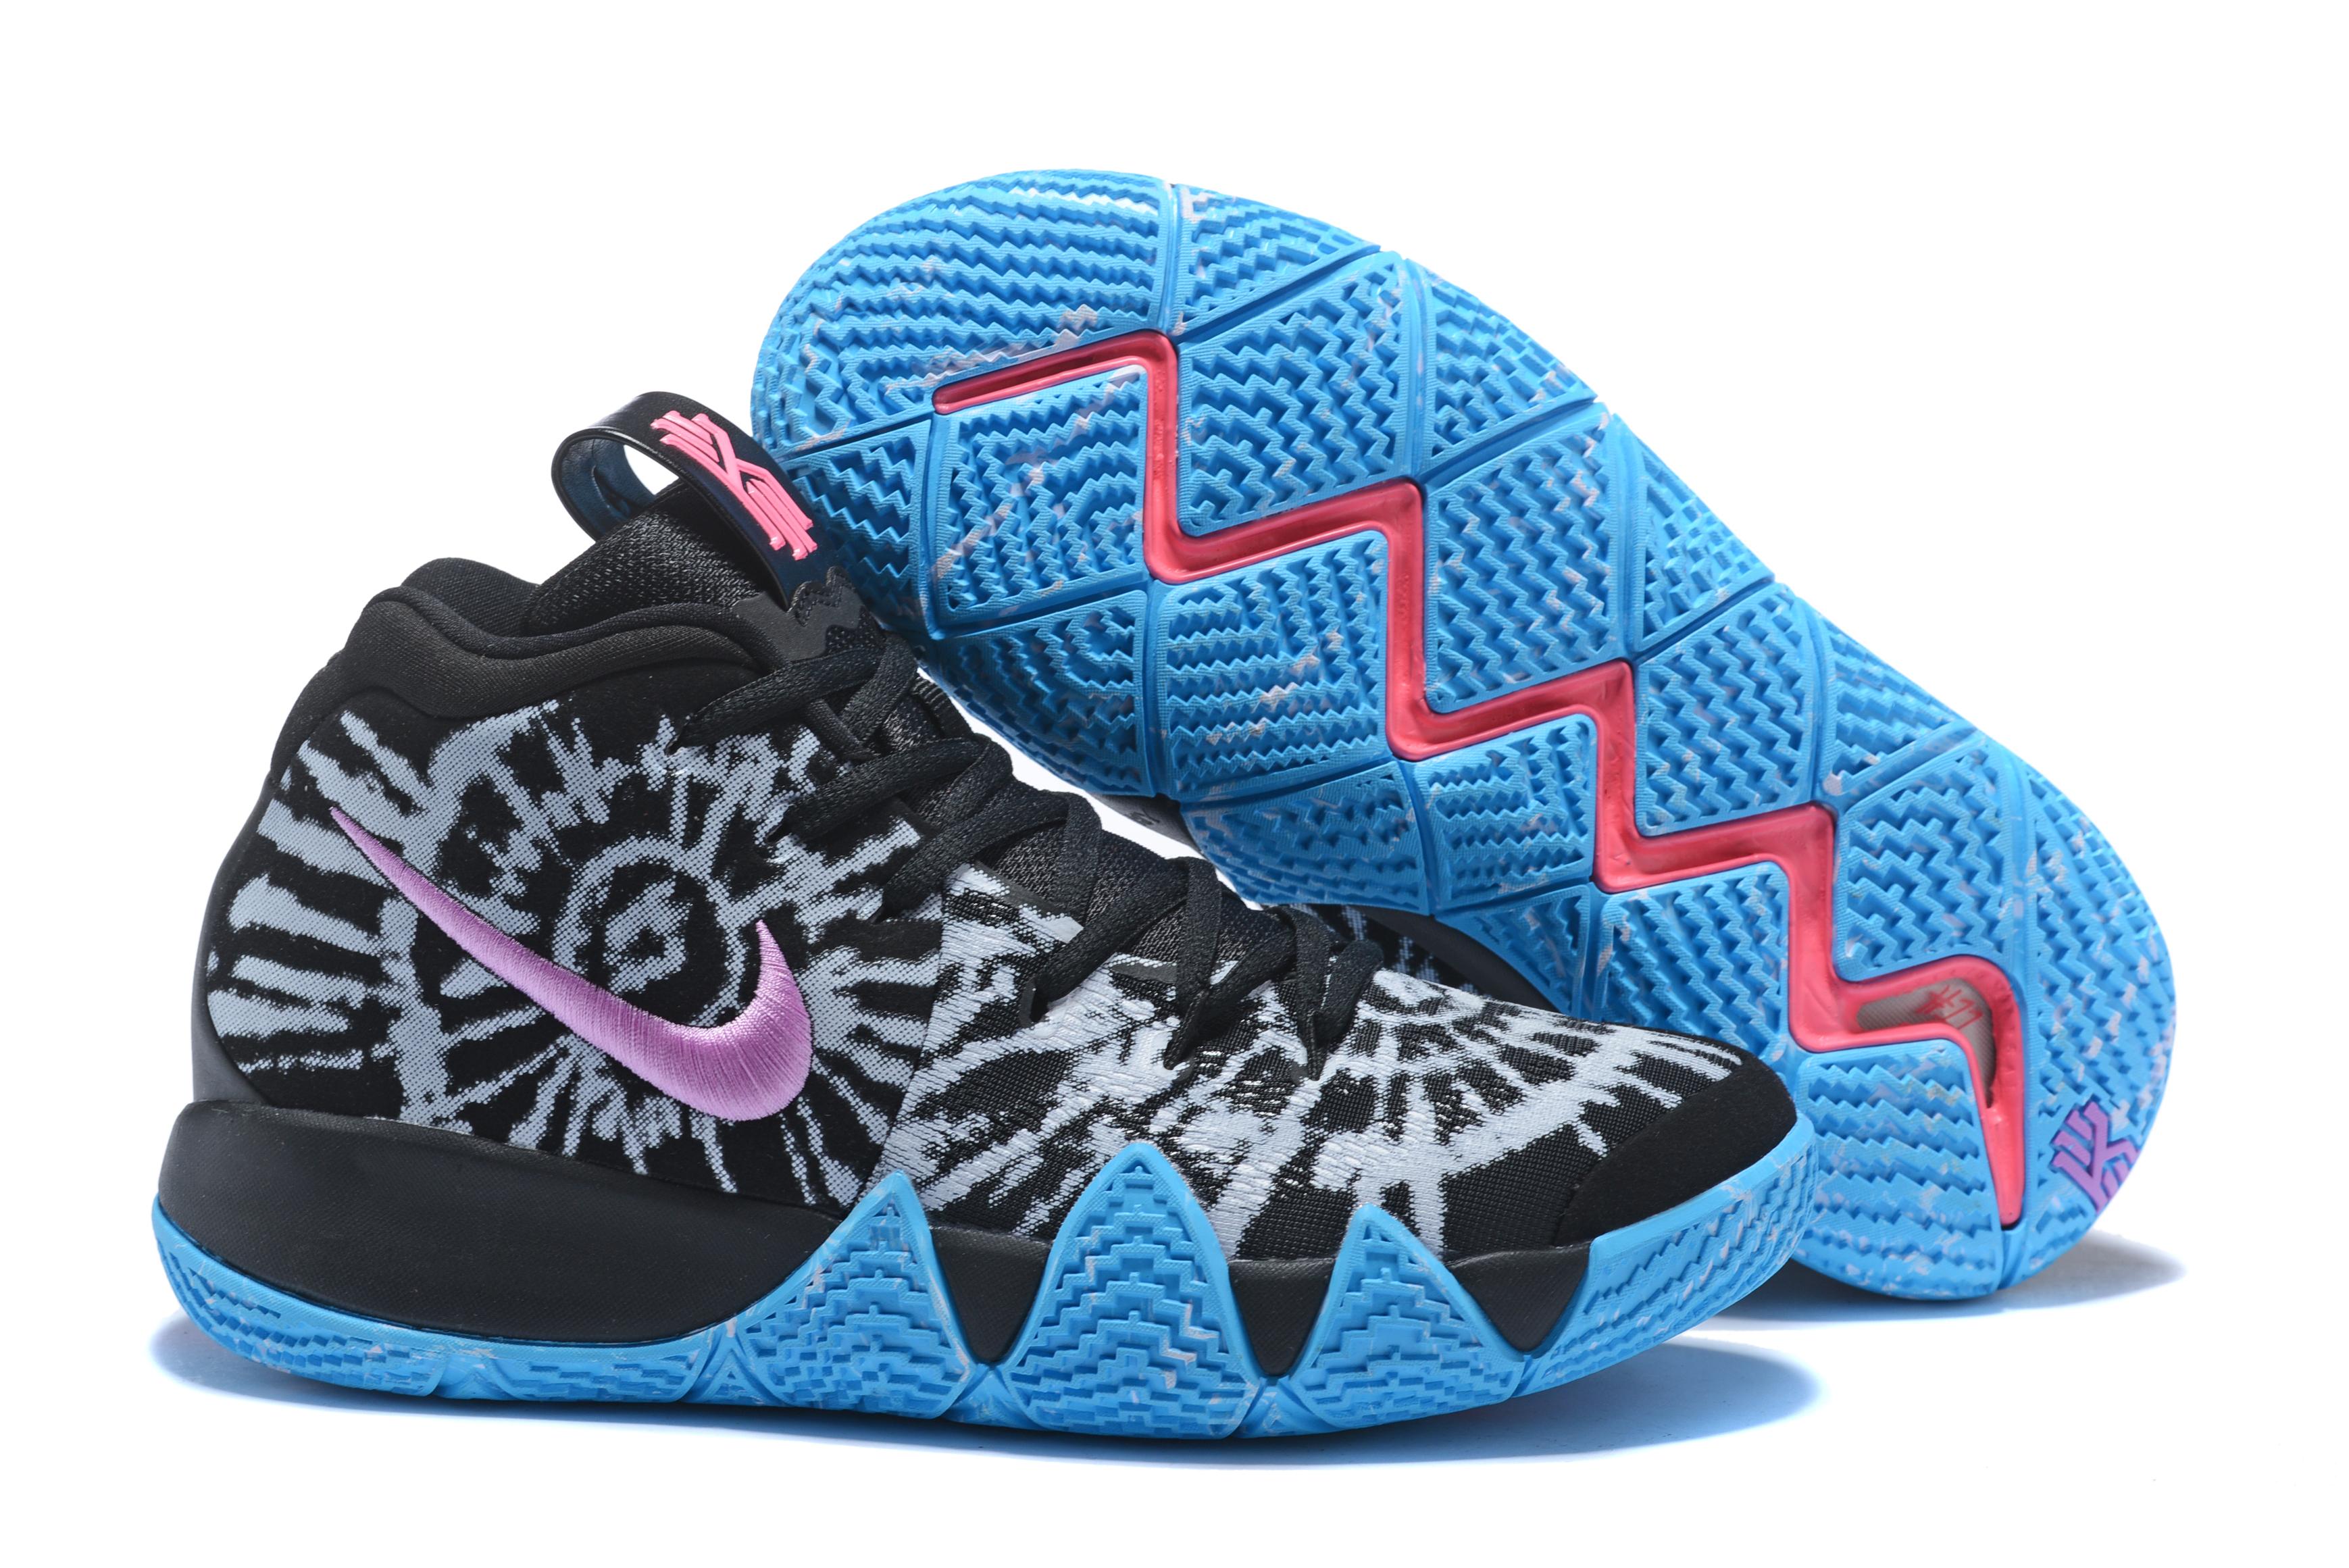 size 40 25e63 62314 2018 Nike Kyrie 4 Black Purple Jade Blue Shoes